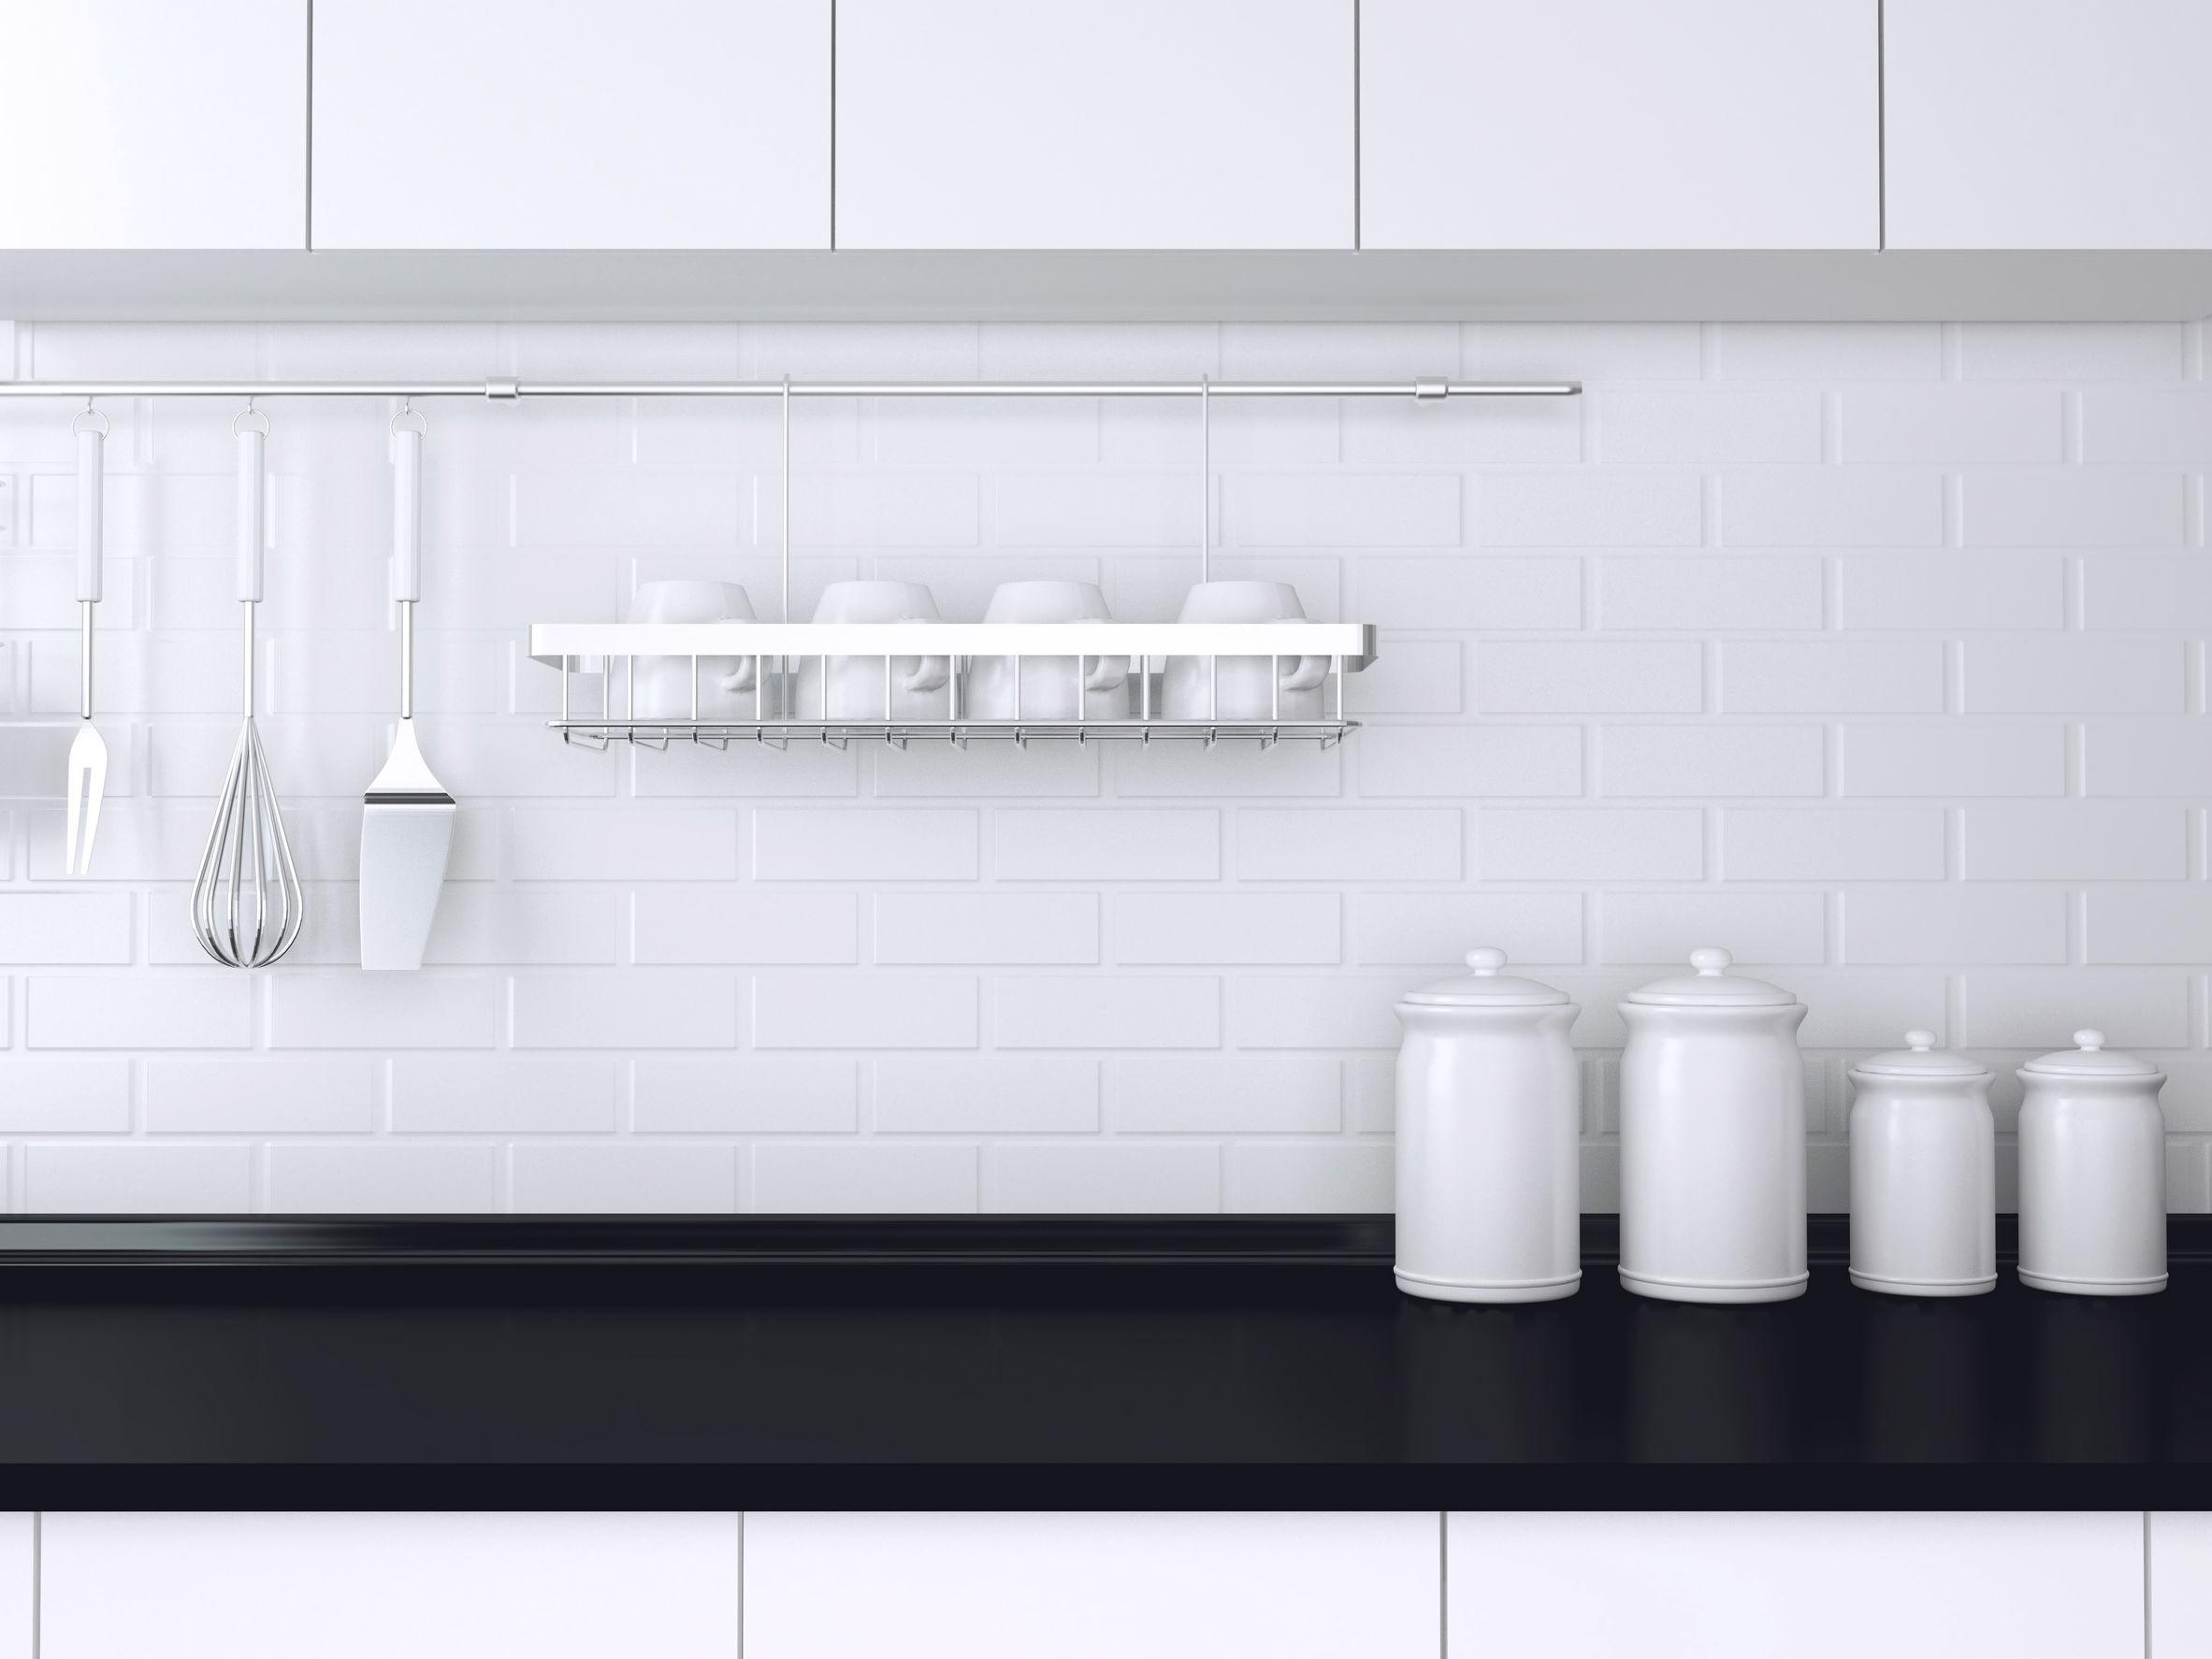 Black and white kitchen design.